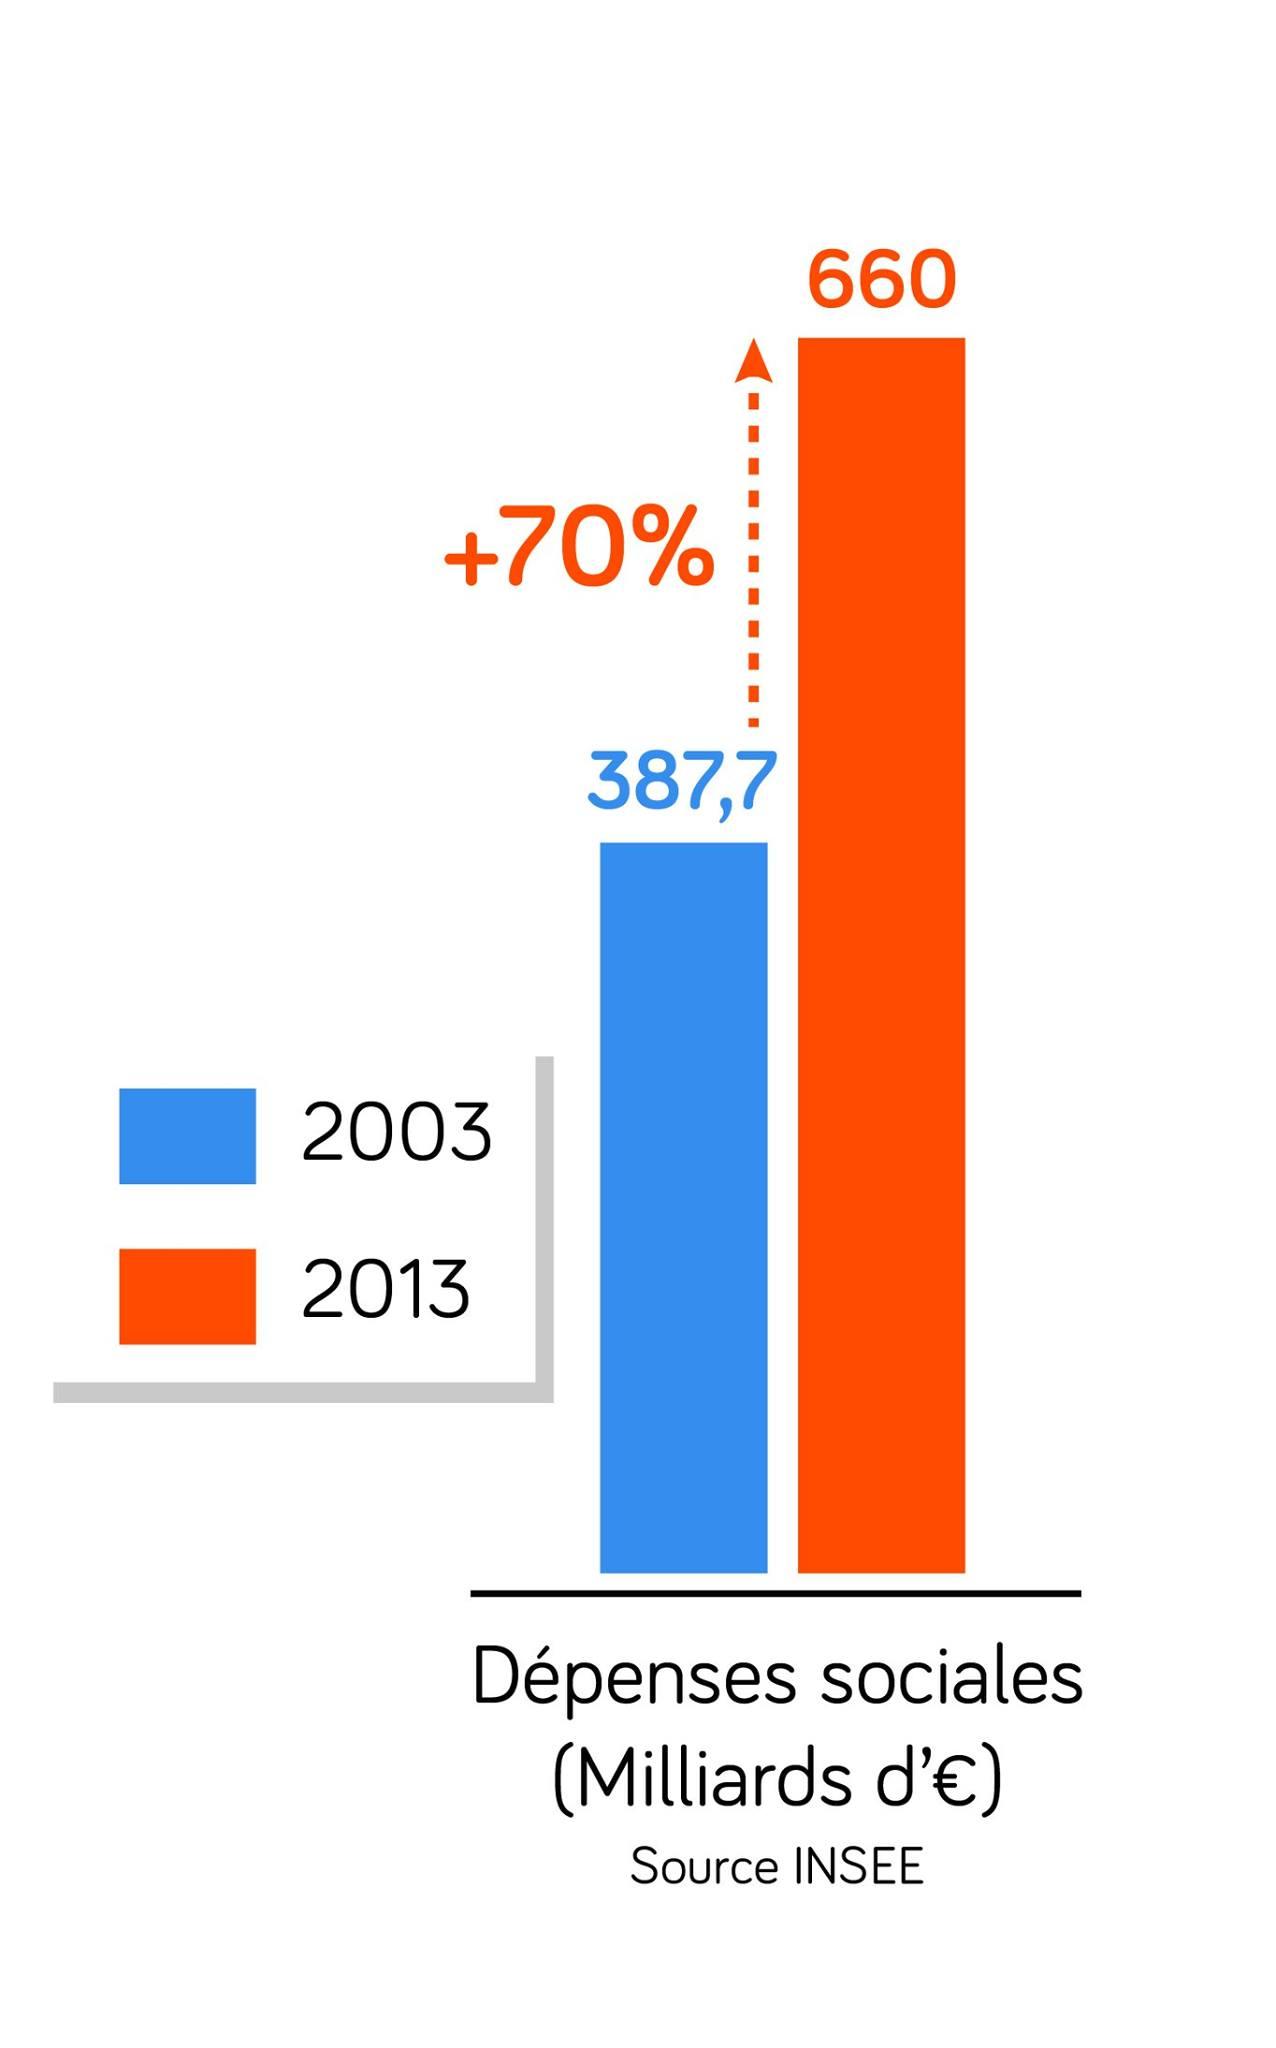 dépenses sociales en France ses terminale